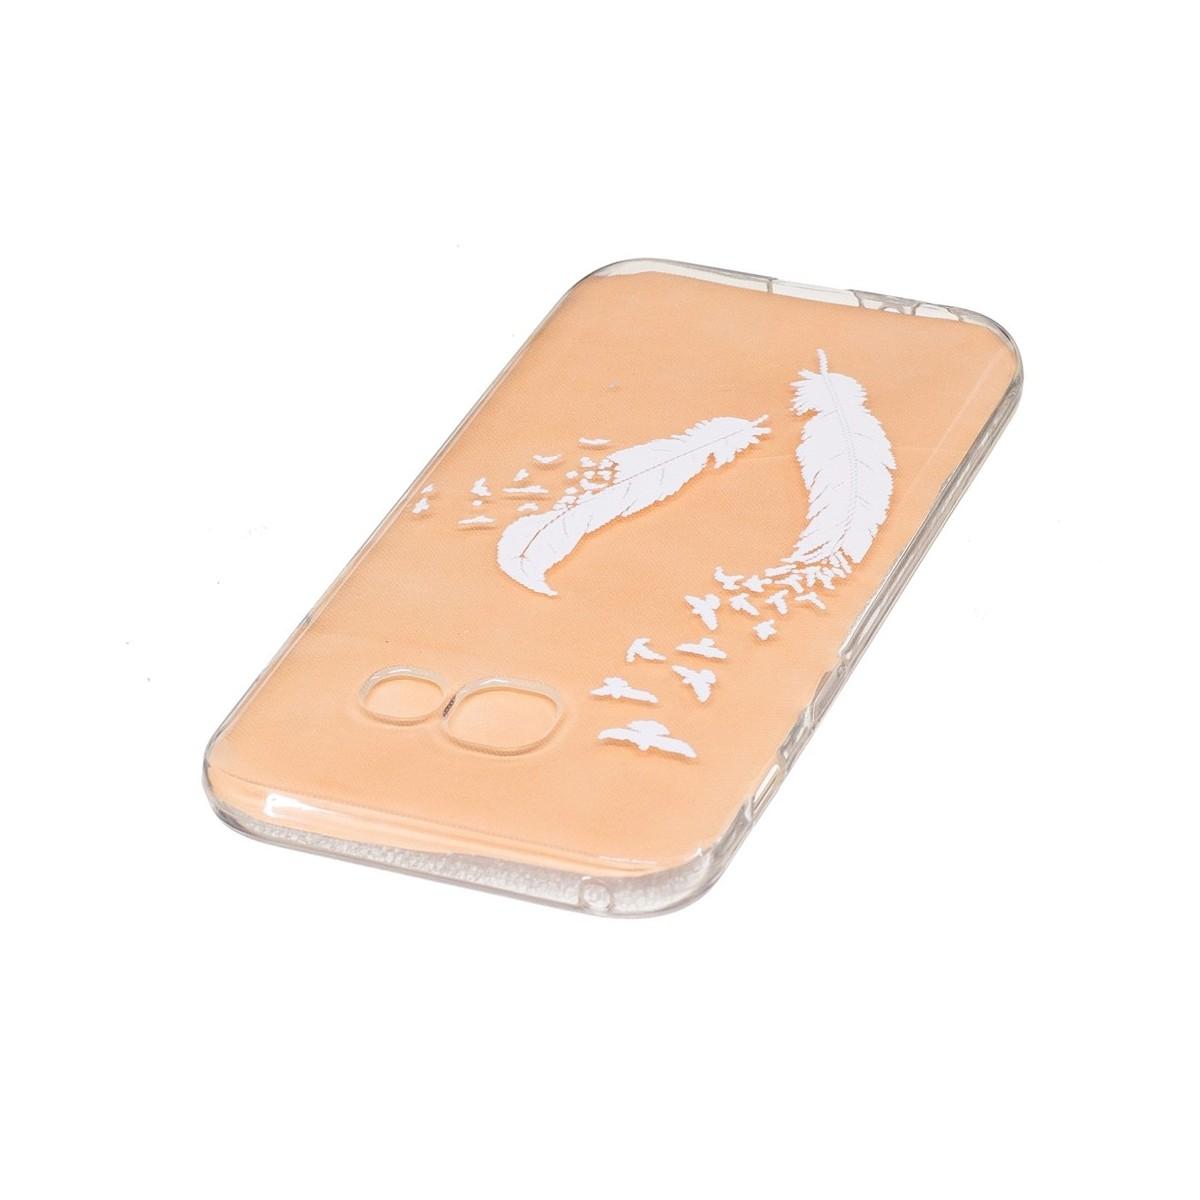 Coque Galaxy A3 (2017) Transparente souple motif Plumes et Oiseaux Blancs - Crazy Kase